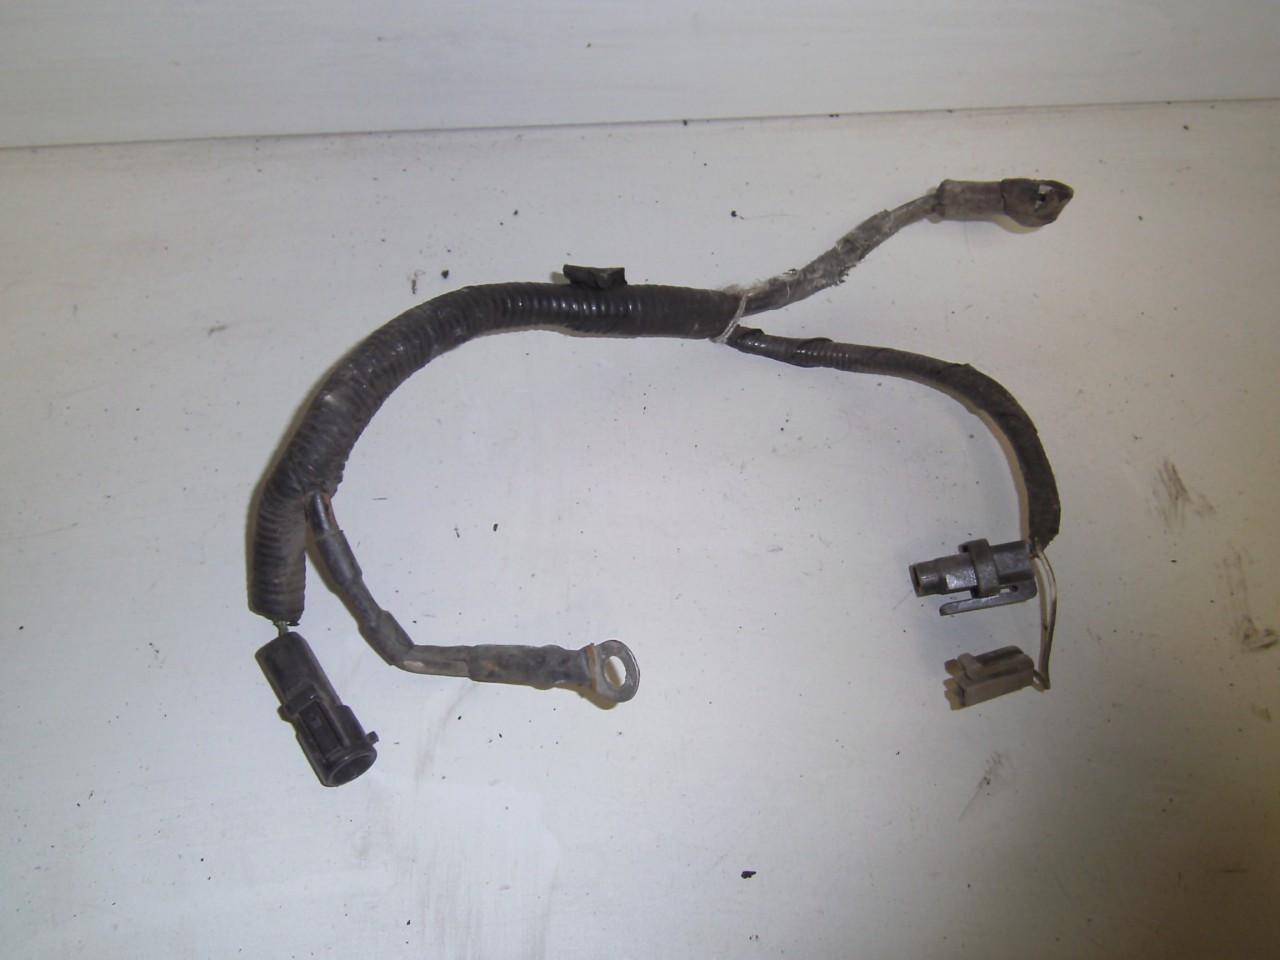 medium resolution of 1994 2000 ford mustang 3 8 alternator wire harness lx f8zb 14305 aa f4zb ah 1967 mustang alternator wiring harness mustang alternator wiring harness